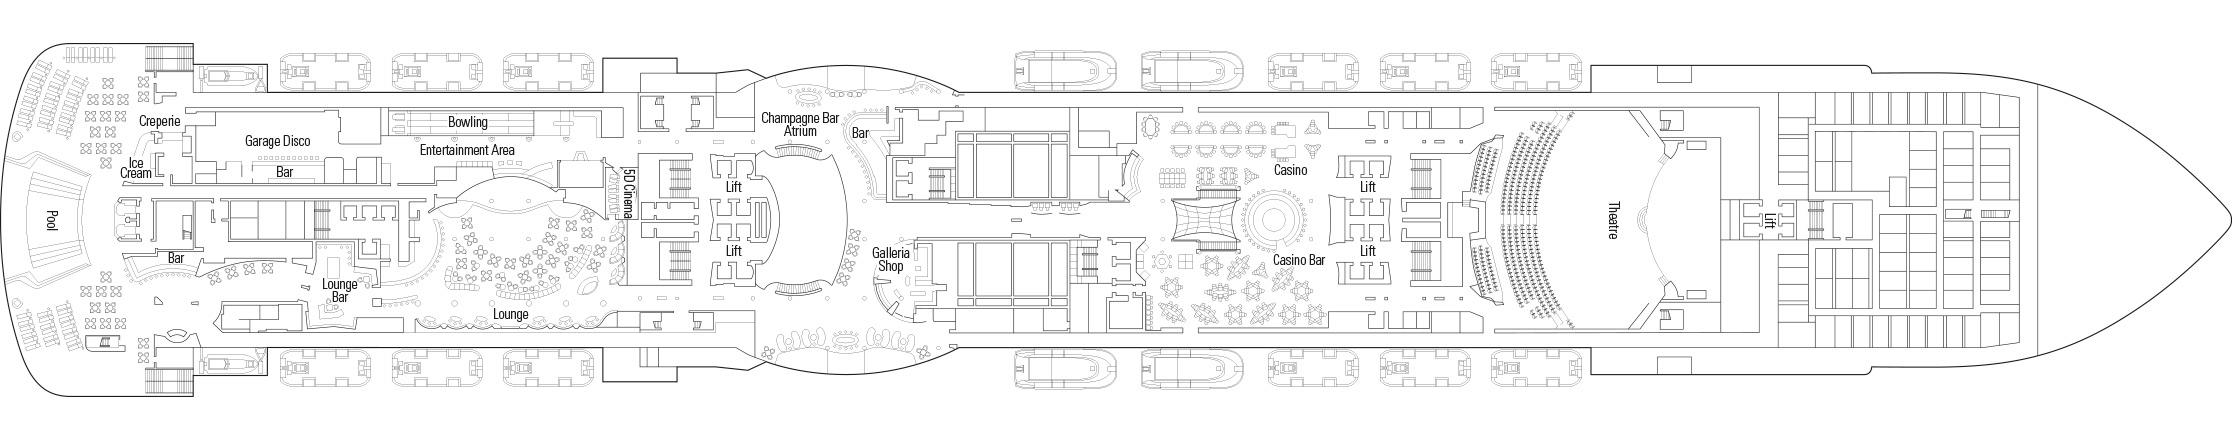 MSC Cruises MSC Seaside Deck 7.jpg